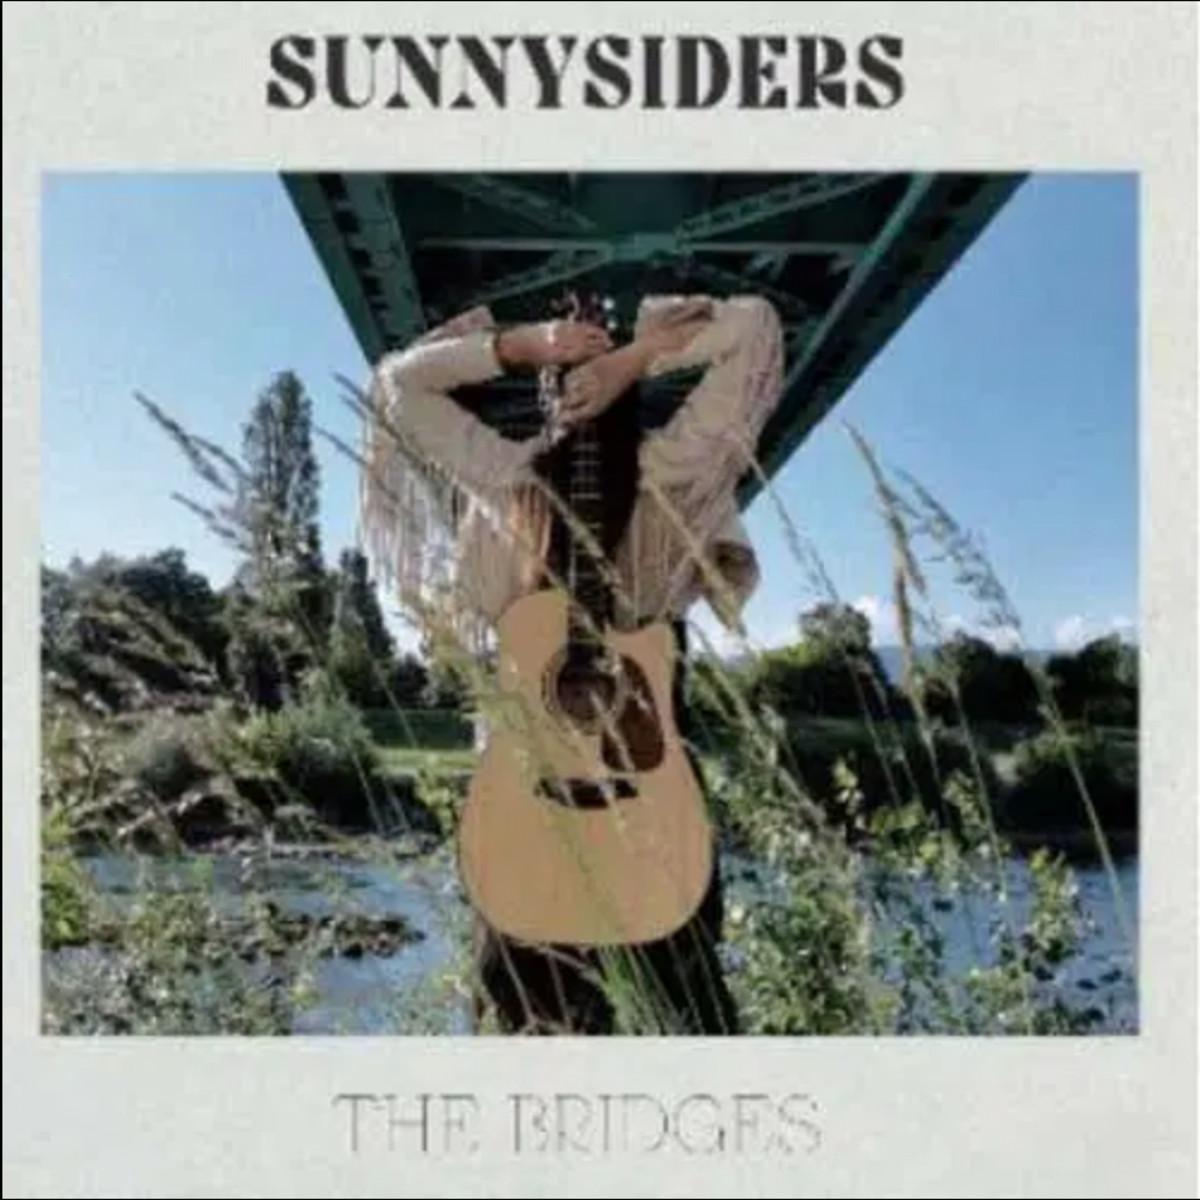 sunnysiders bridges